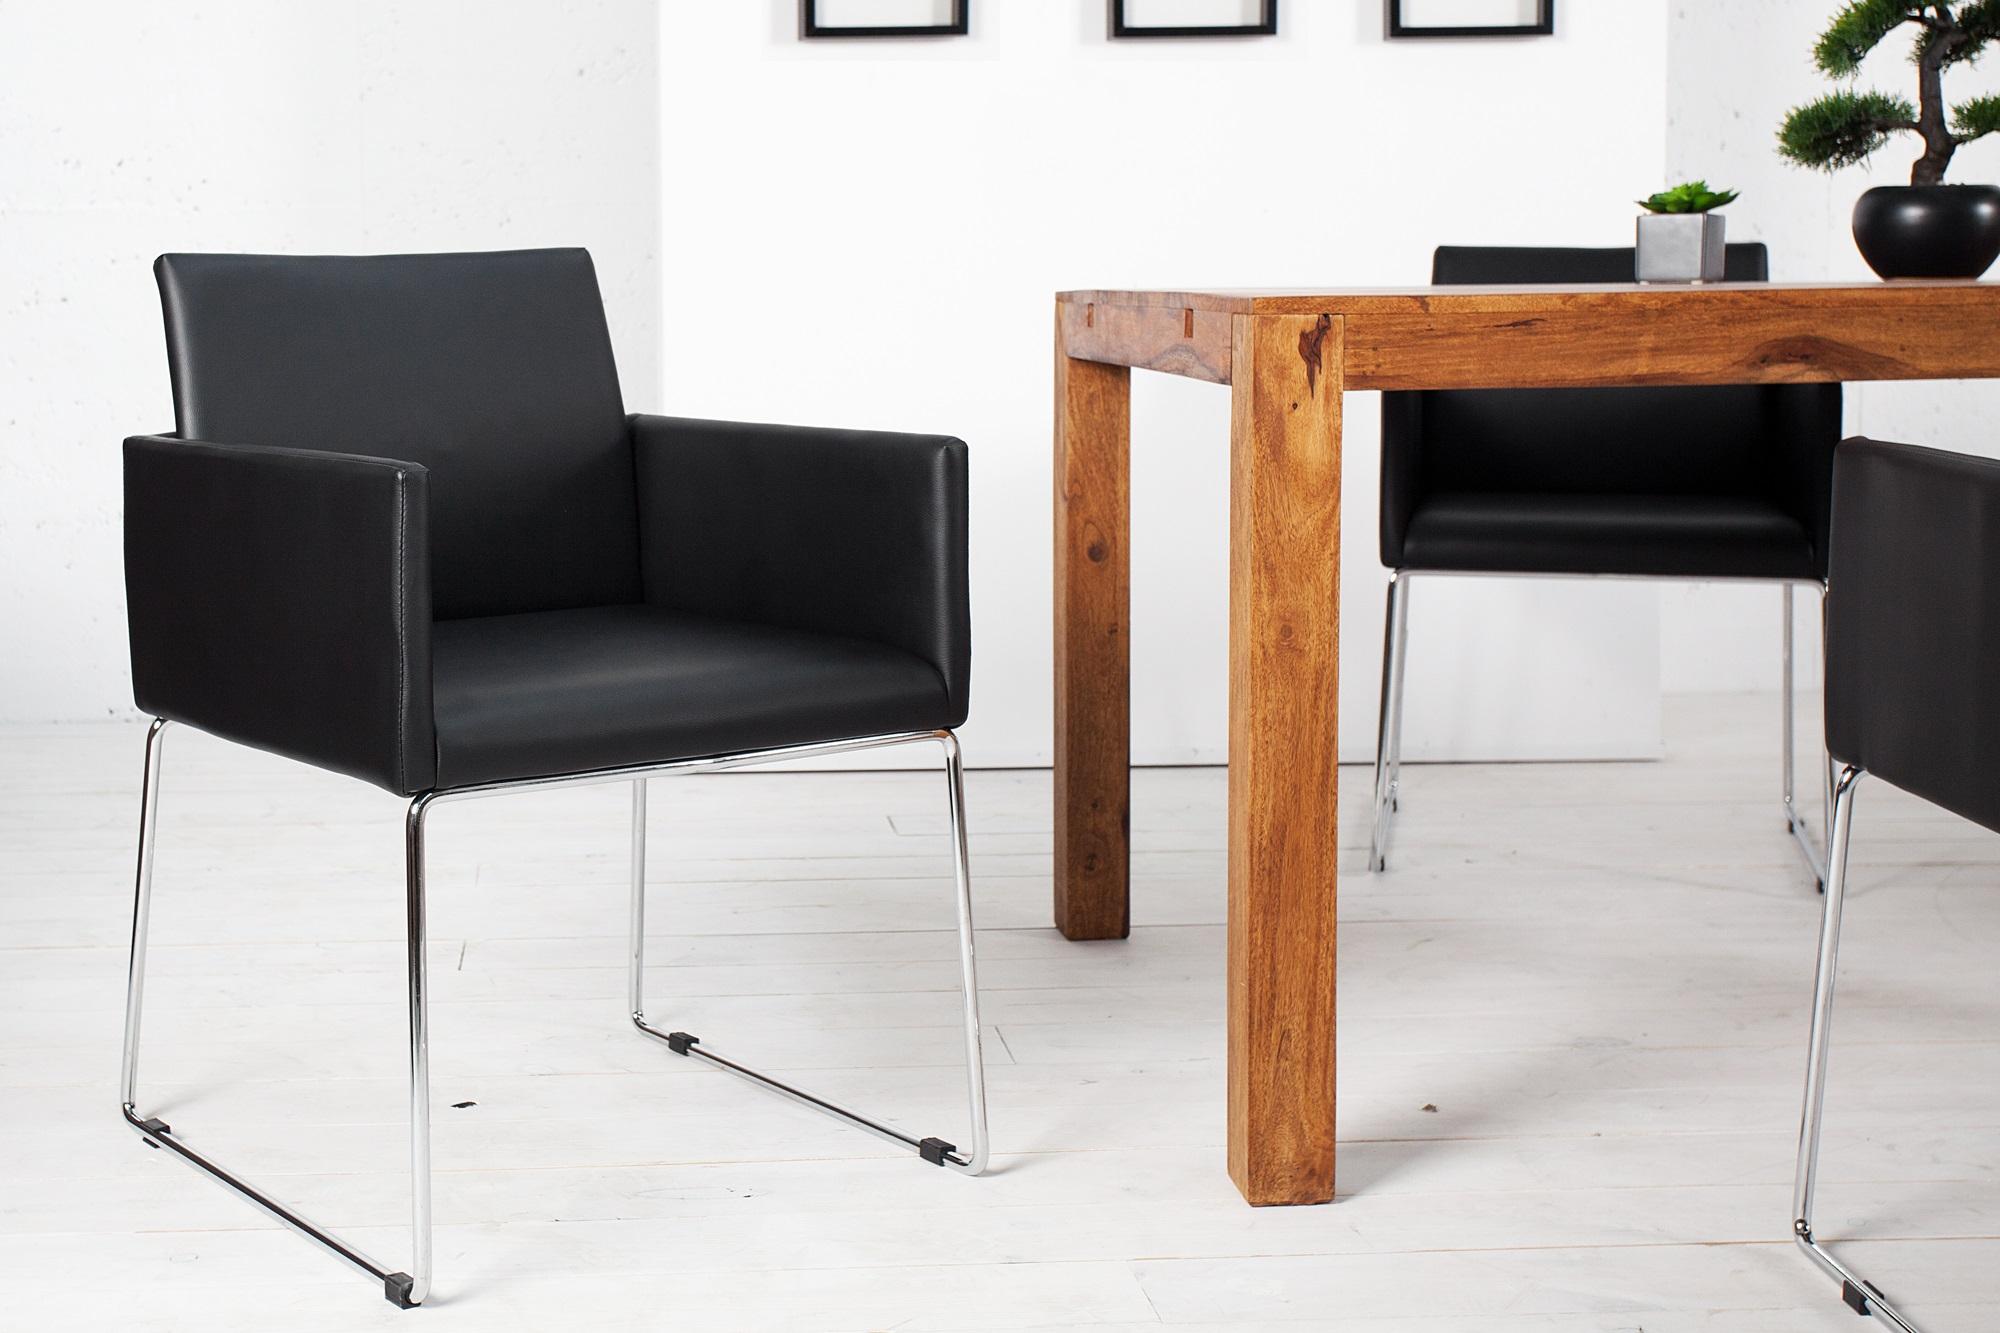 Eetkamerstoelen met armleuning aktie wonen nl for Design eetkamerstoelen outlet